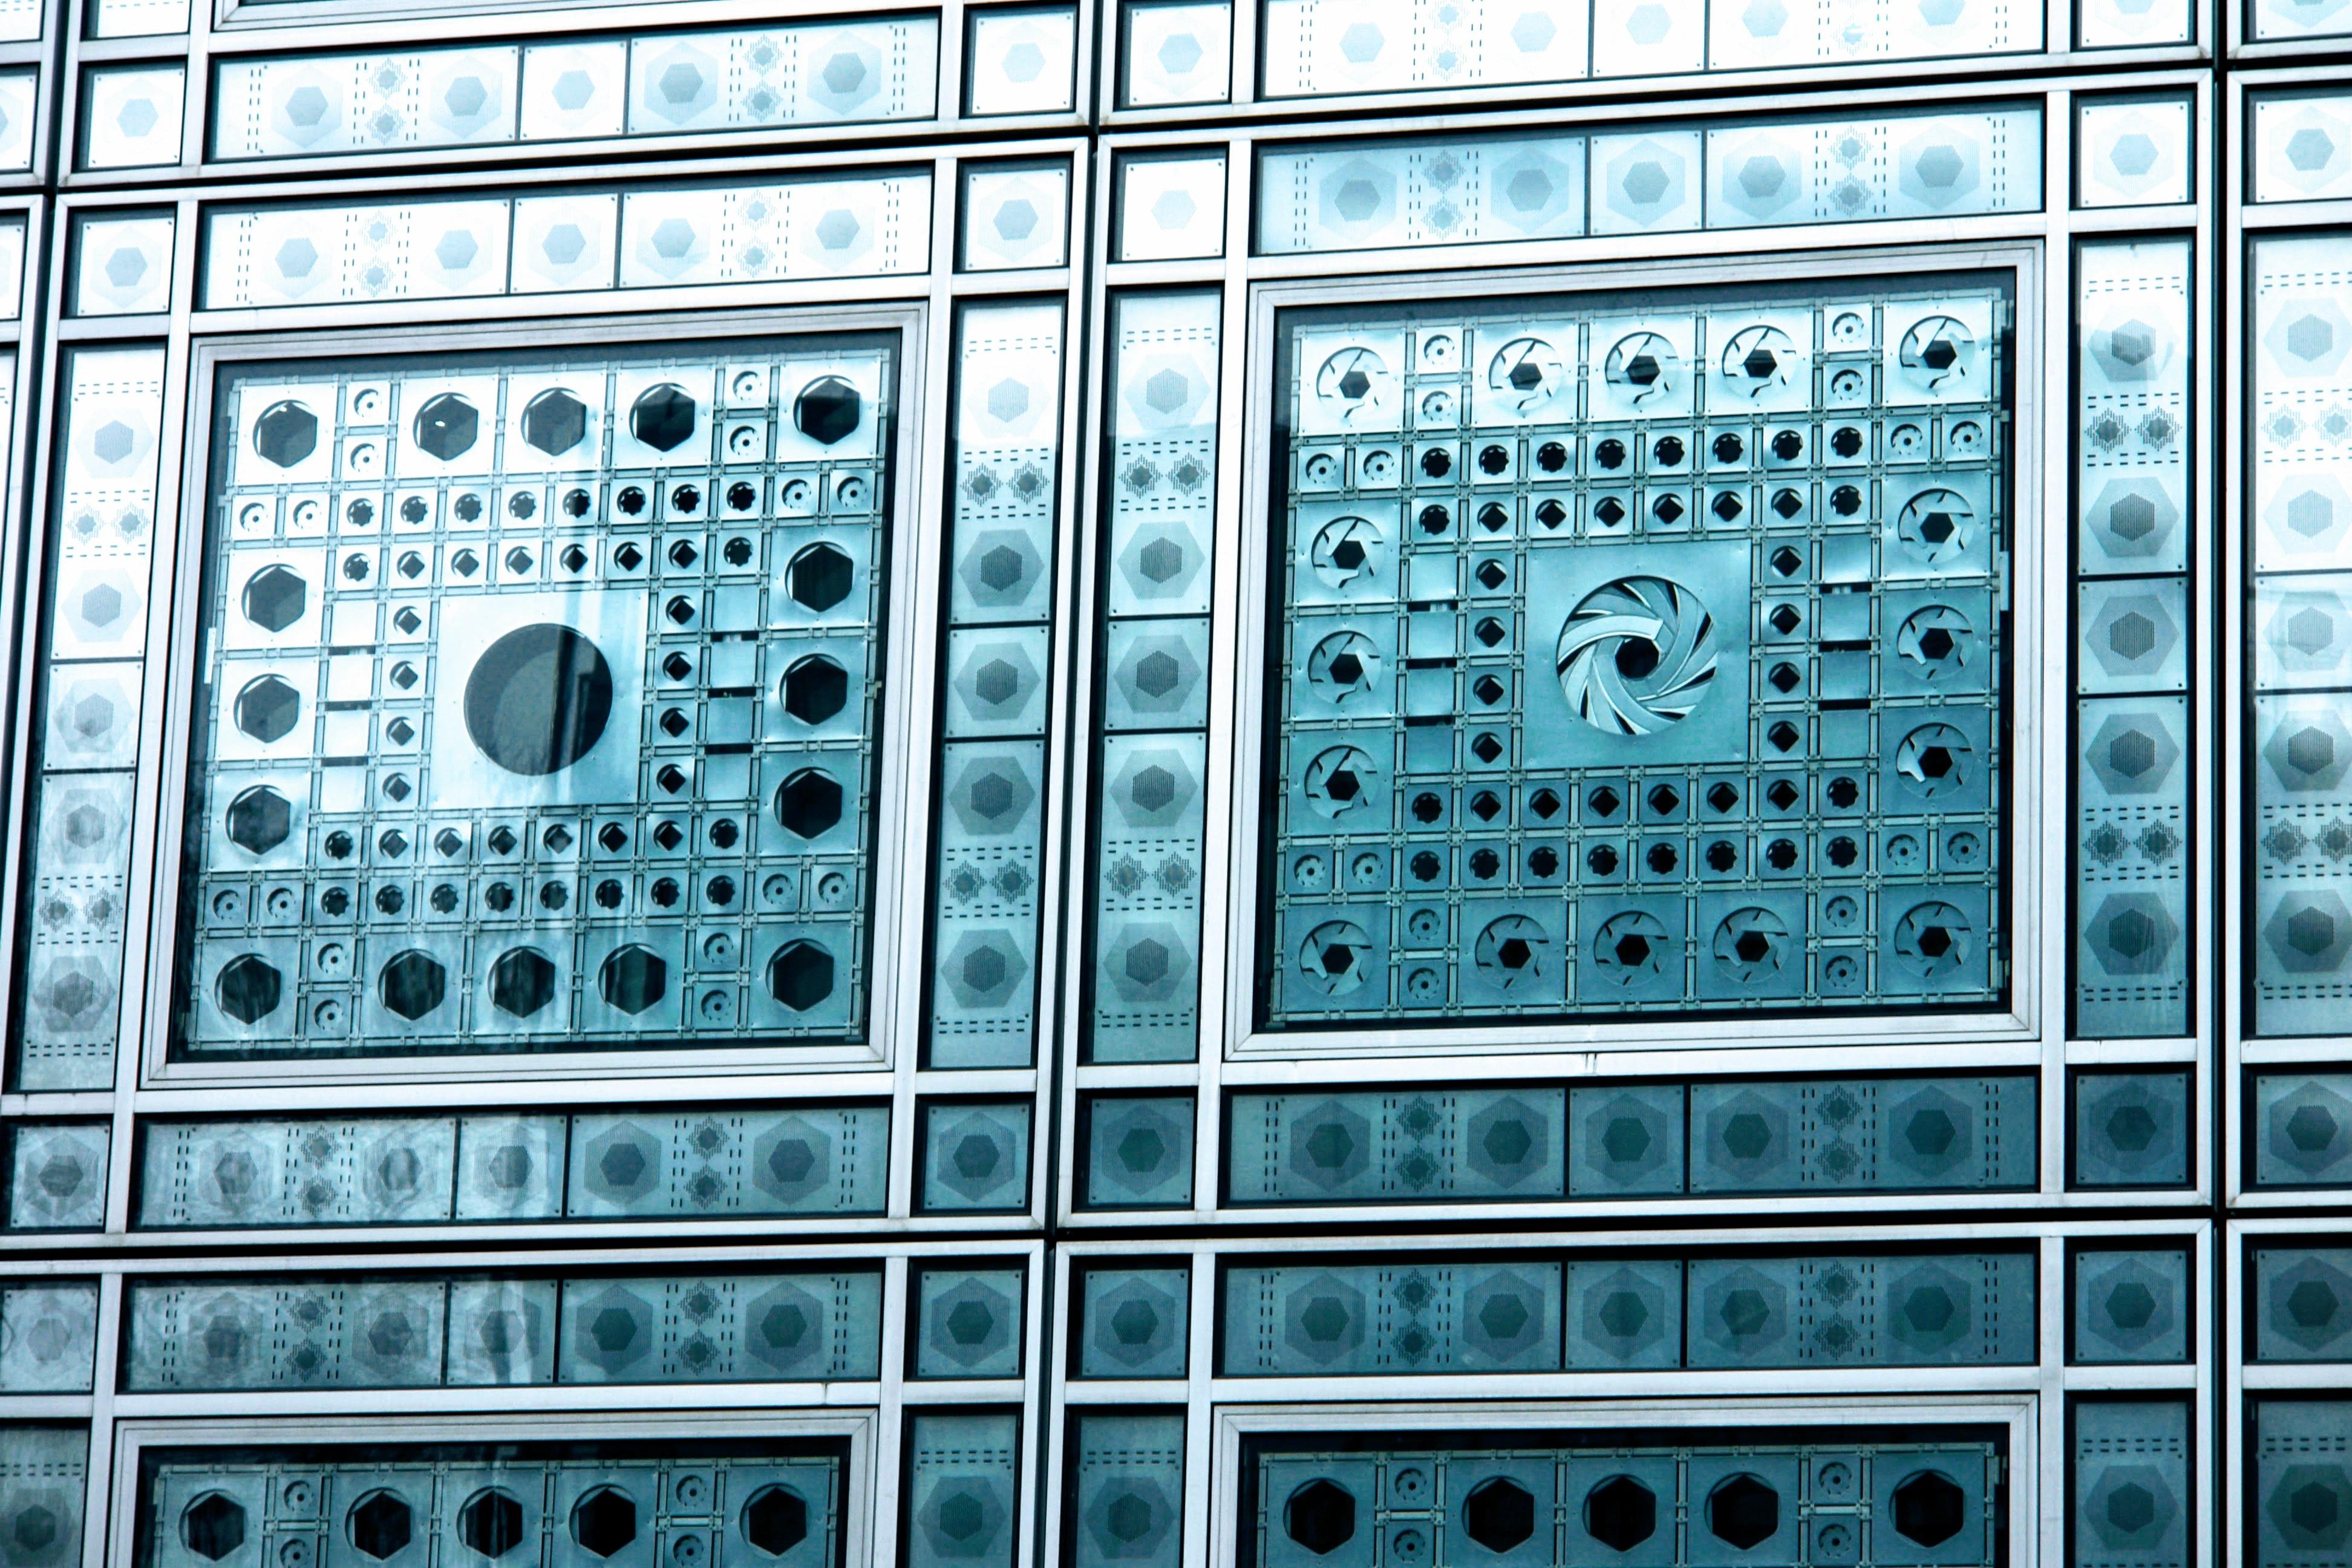 Kostenlose foto : die Architektur, Technologie, Fenster, Gebäude ...